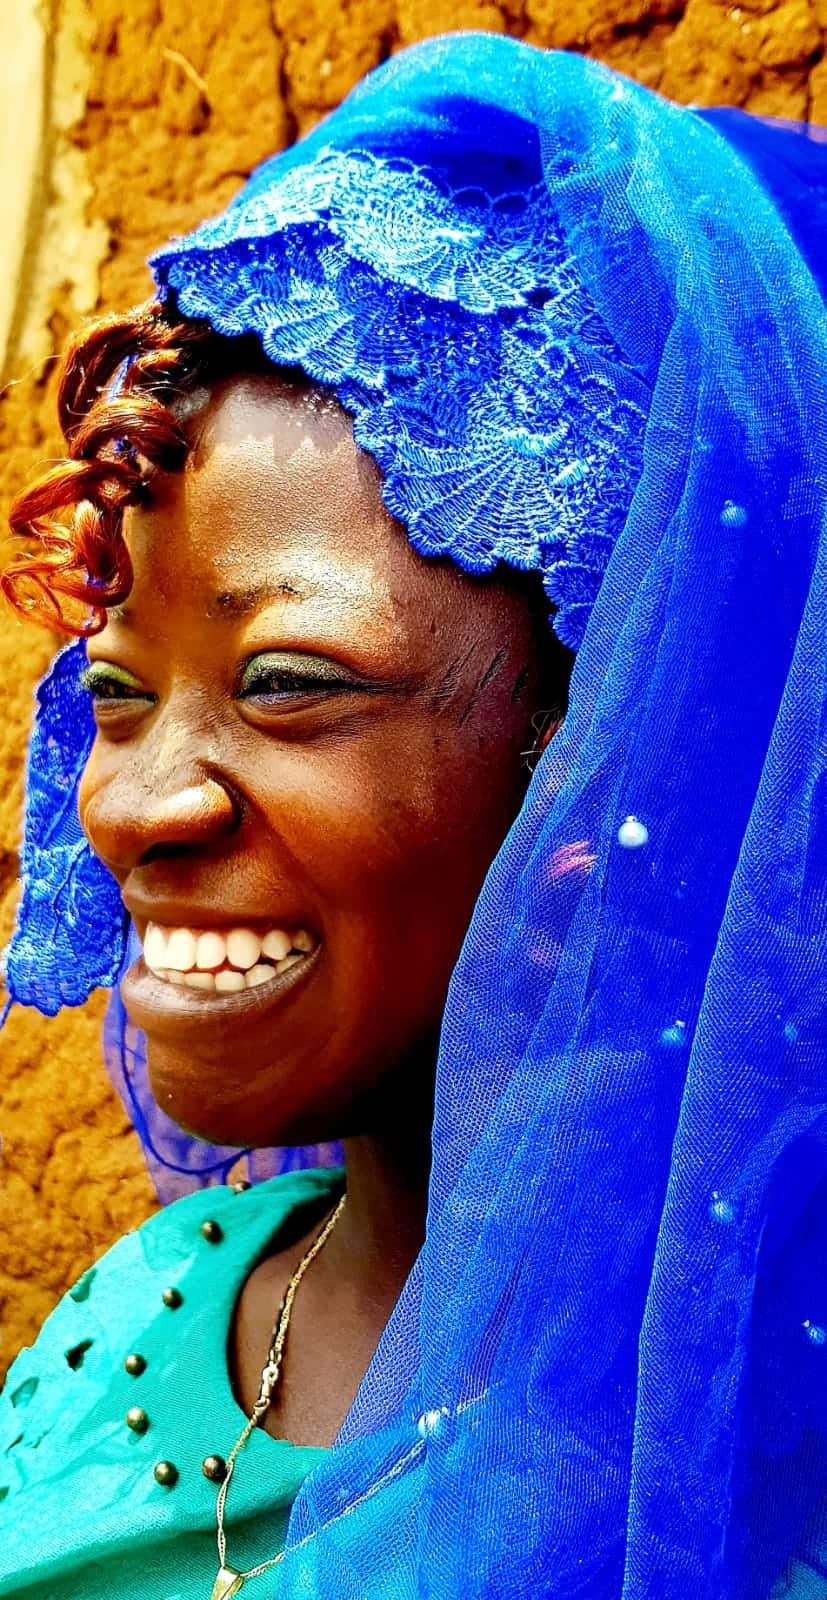 Trips to Benin